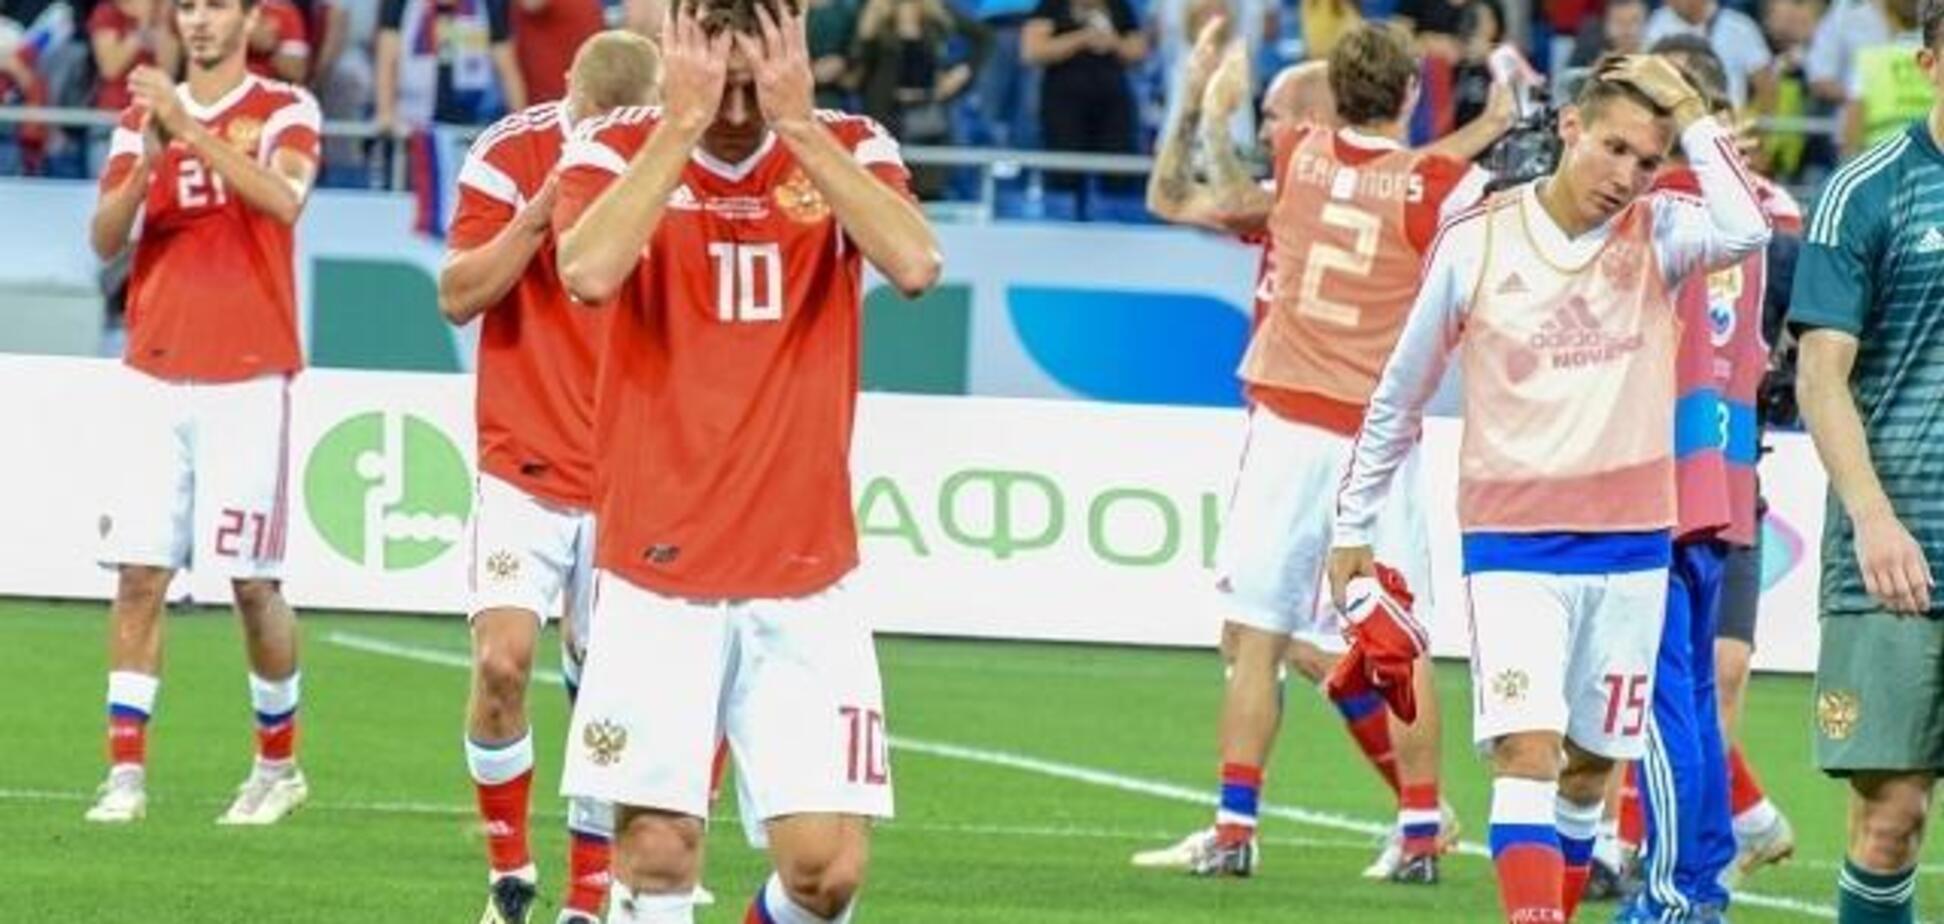 Стадіон у Ростові затопило перед матчем збірної Росії